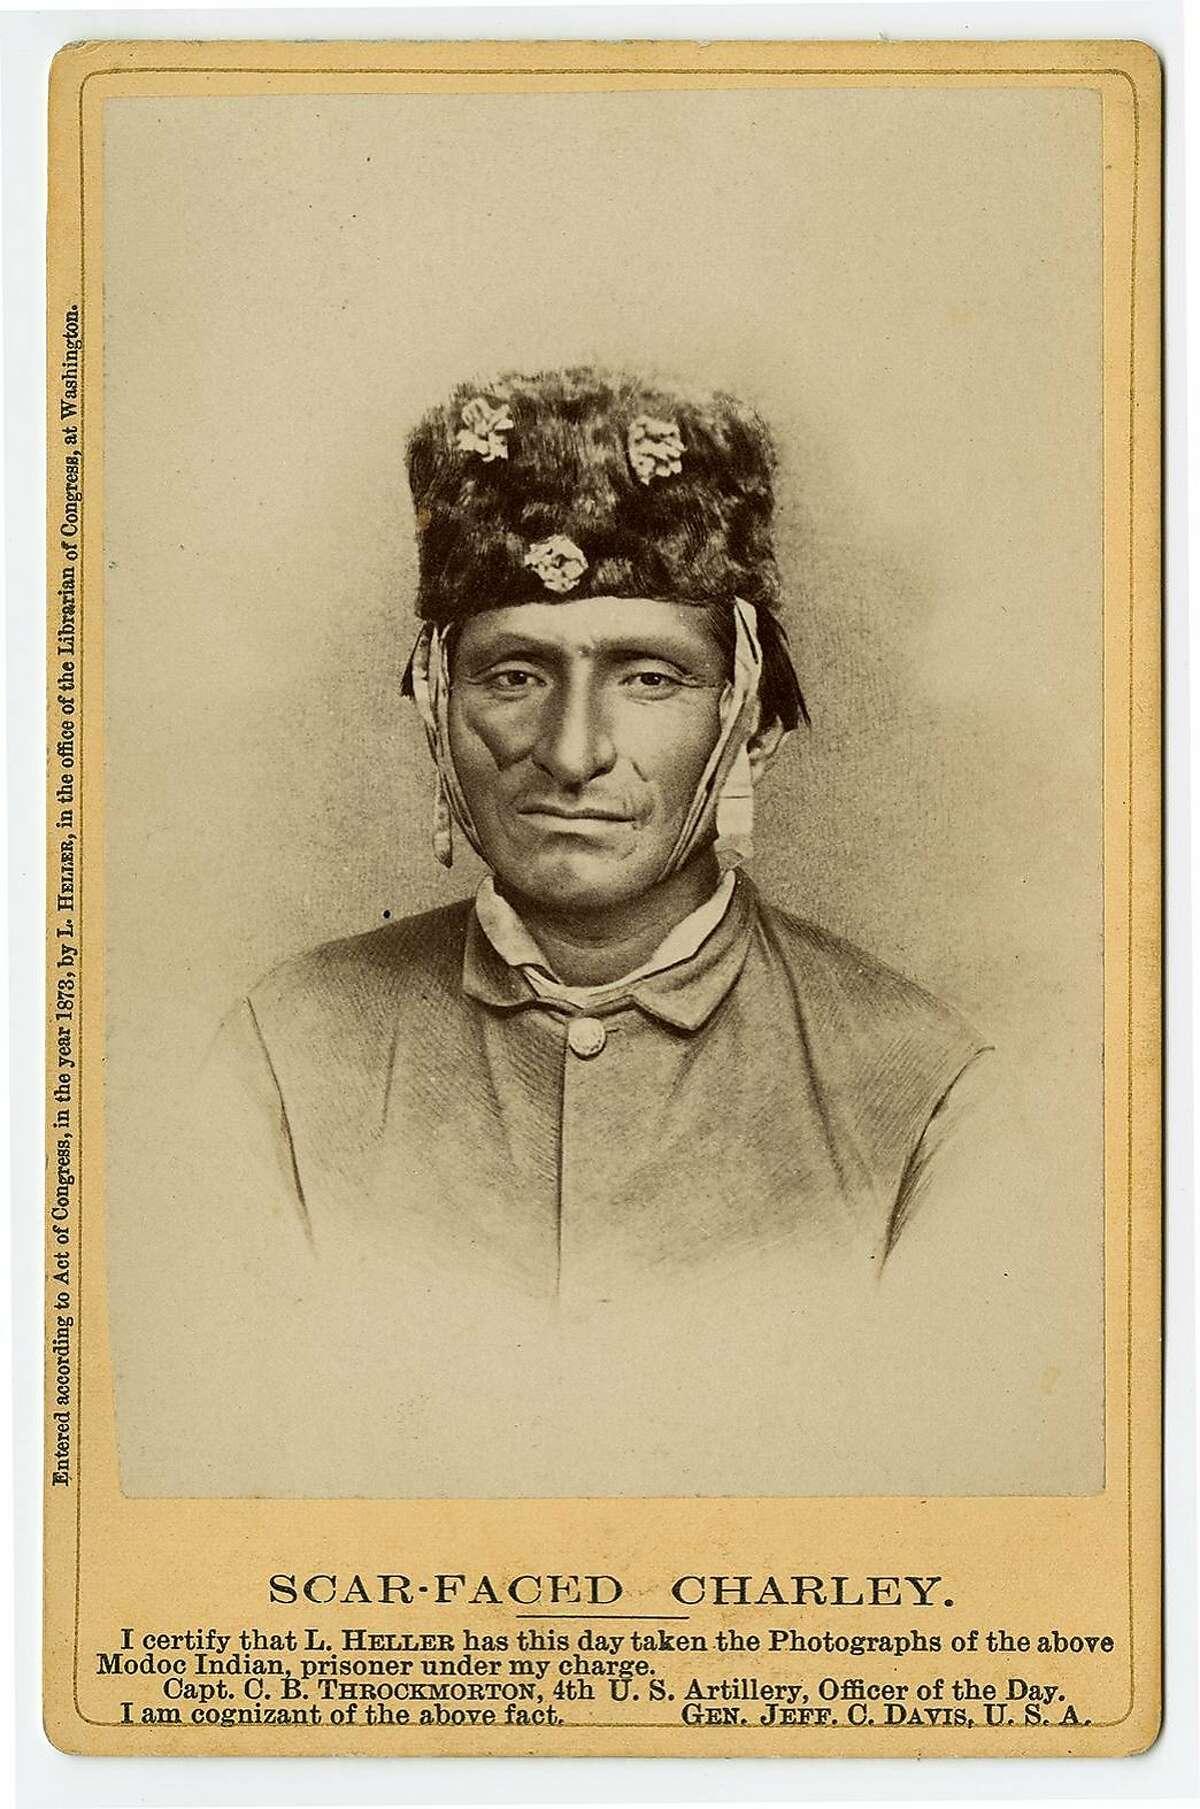 Louis Herman Heller,